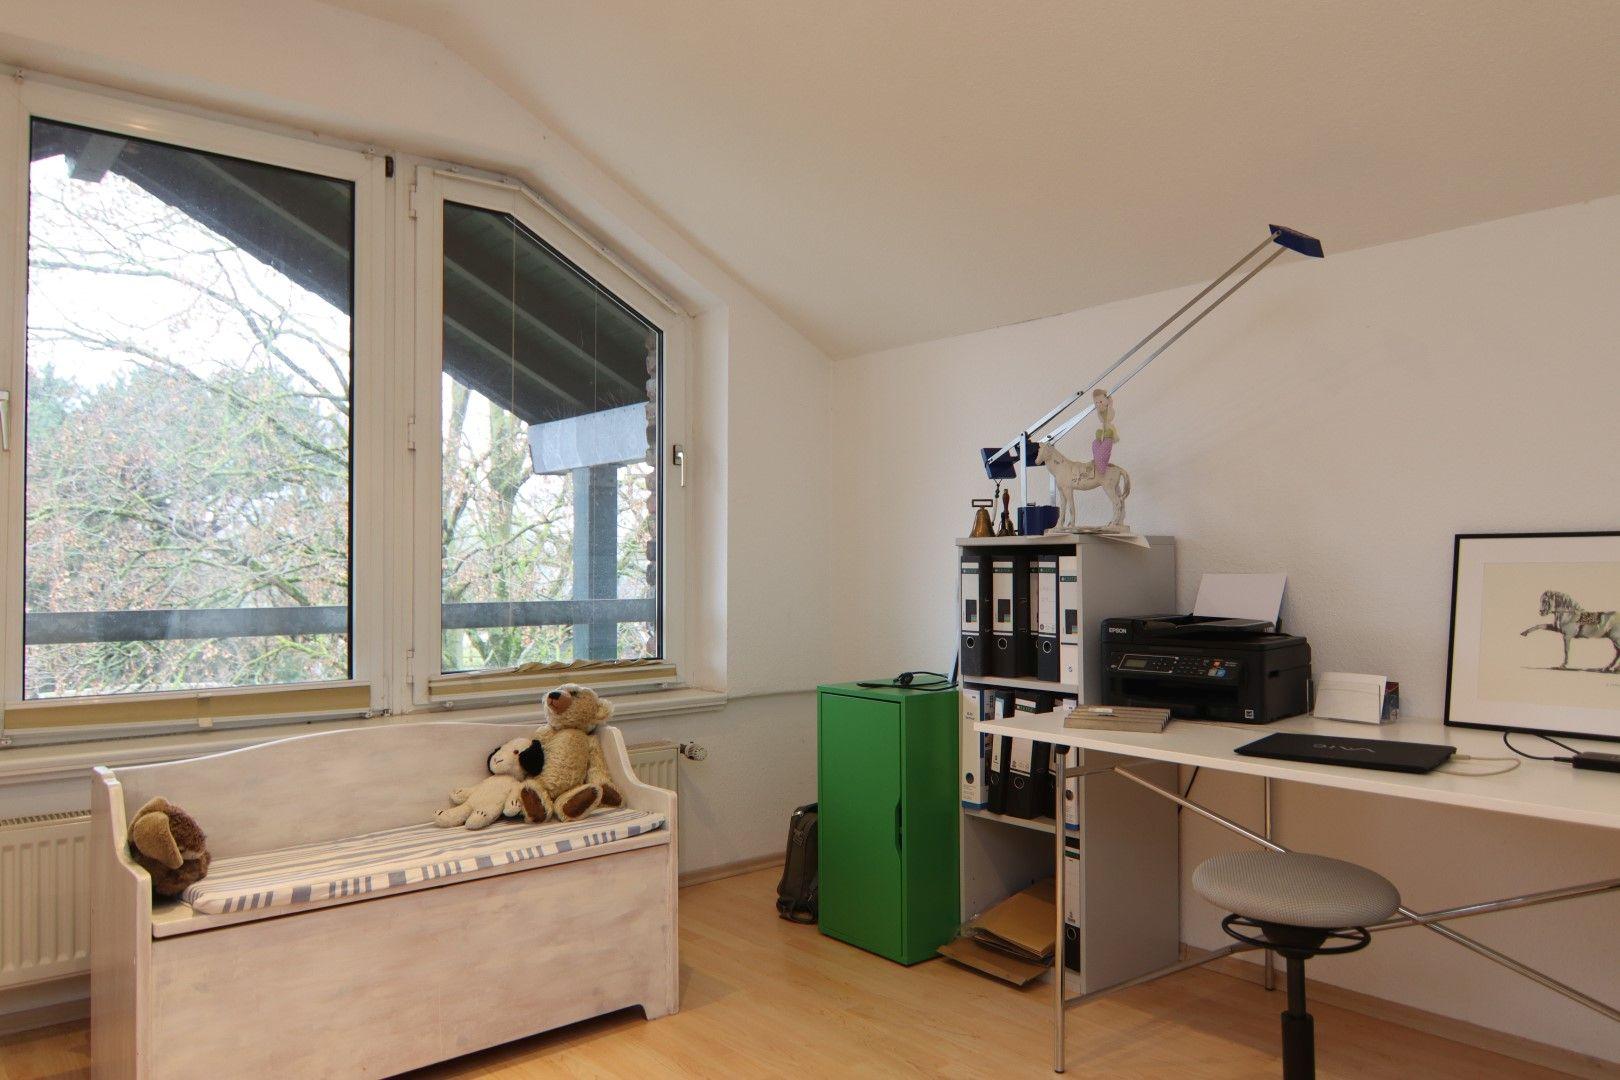 Immobilie Nr.0291 - 4-Raum-Wohnung, 2 Bäder mit Balkon u. Stpl. - Bild 14.jpg